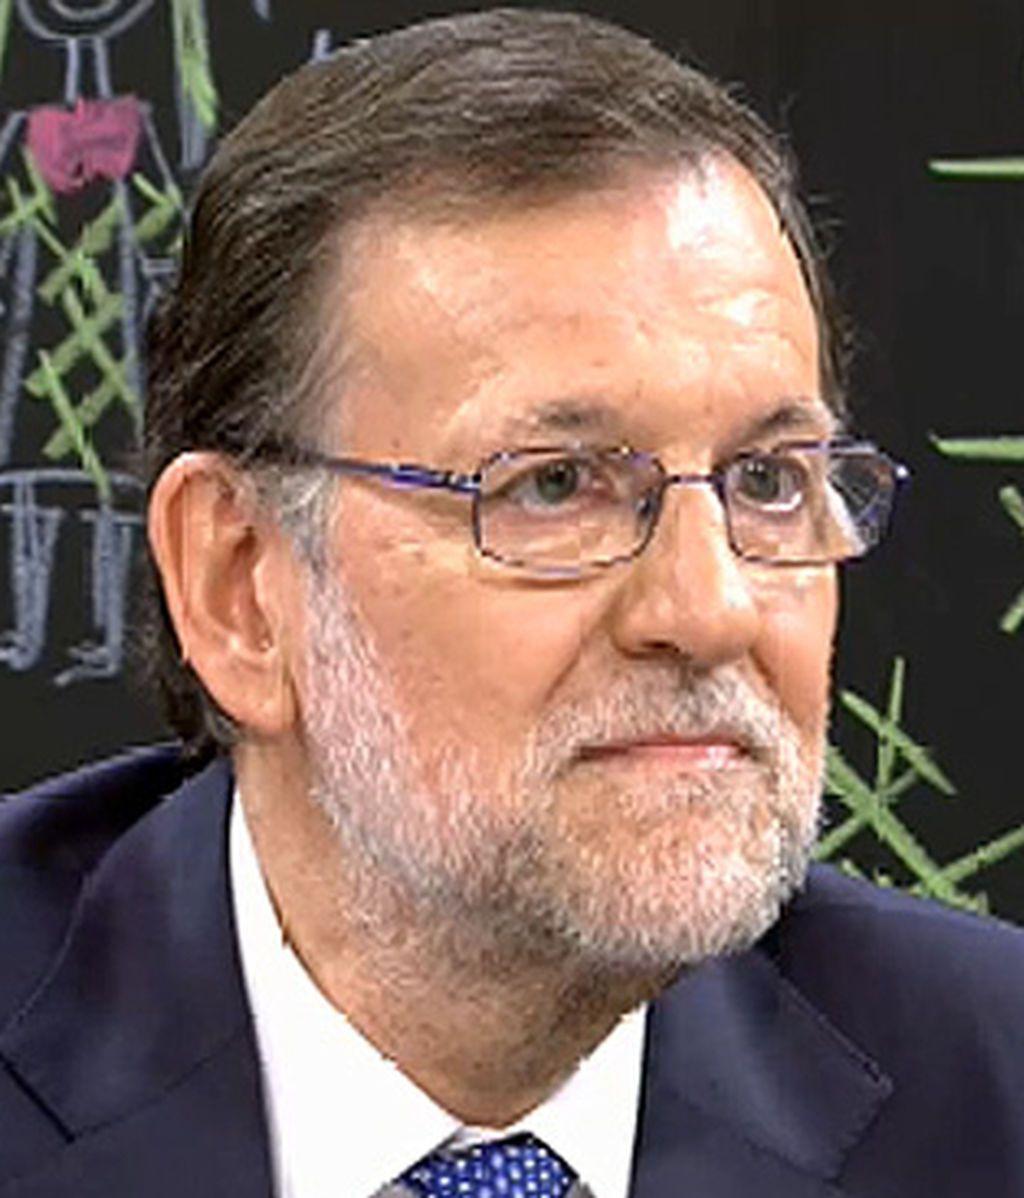 Mariano Rajot